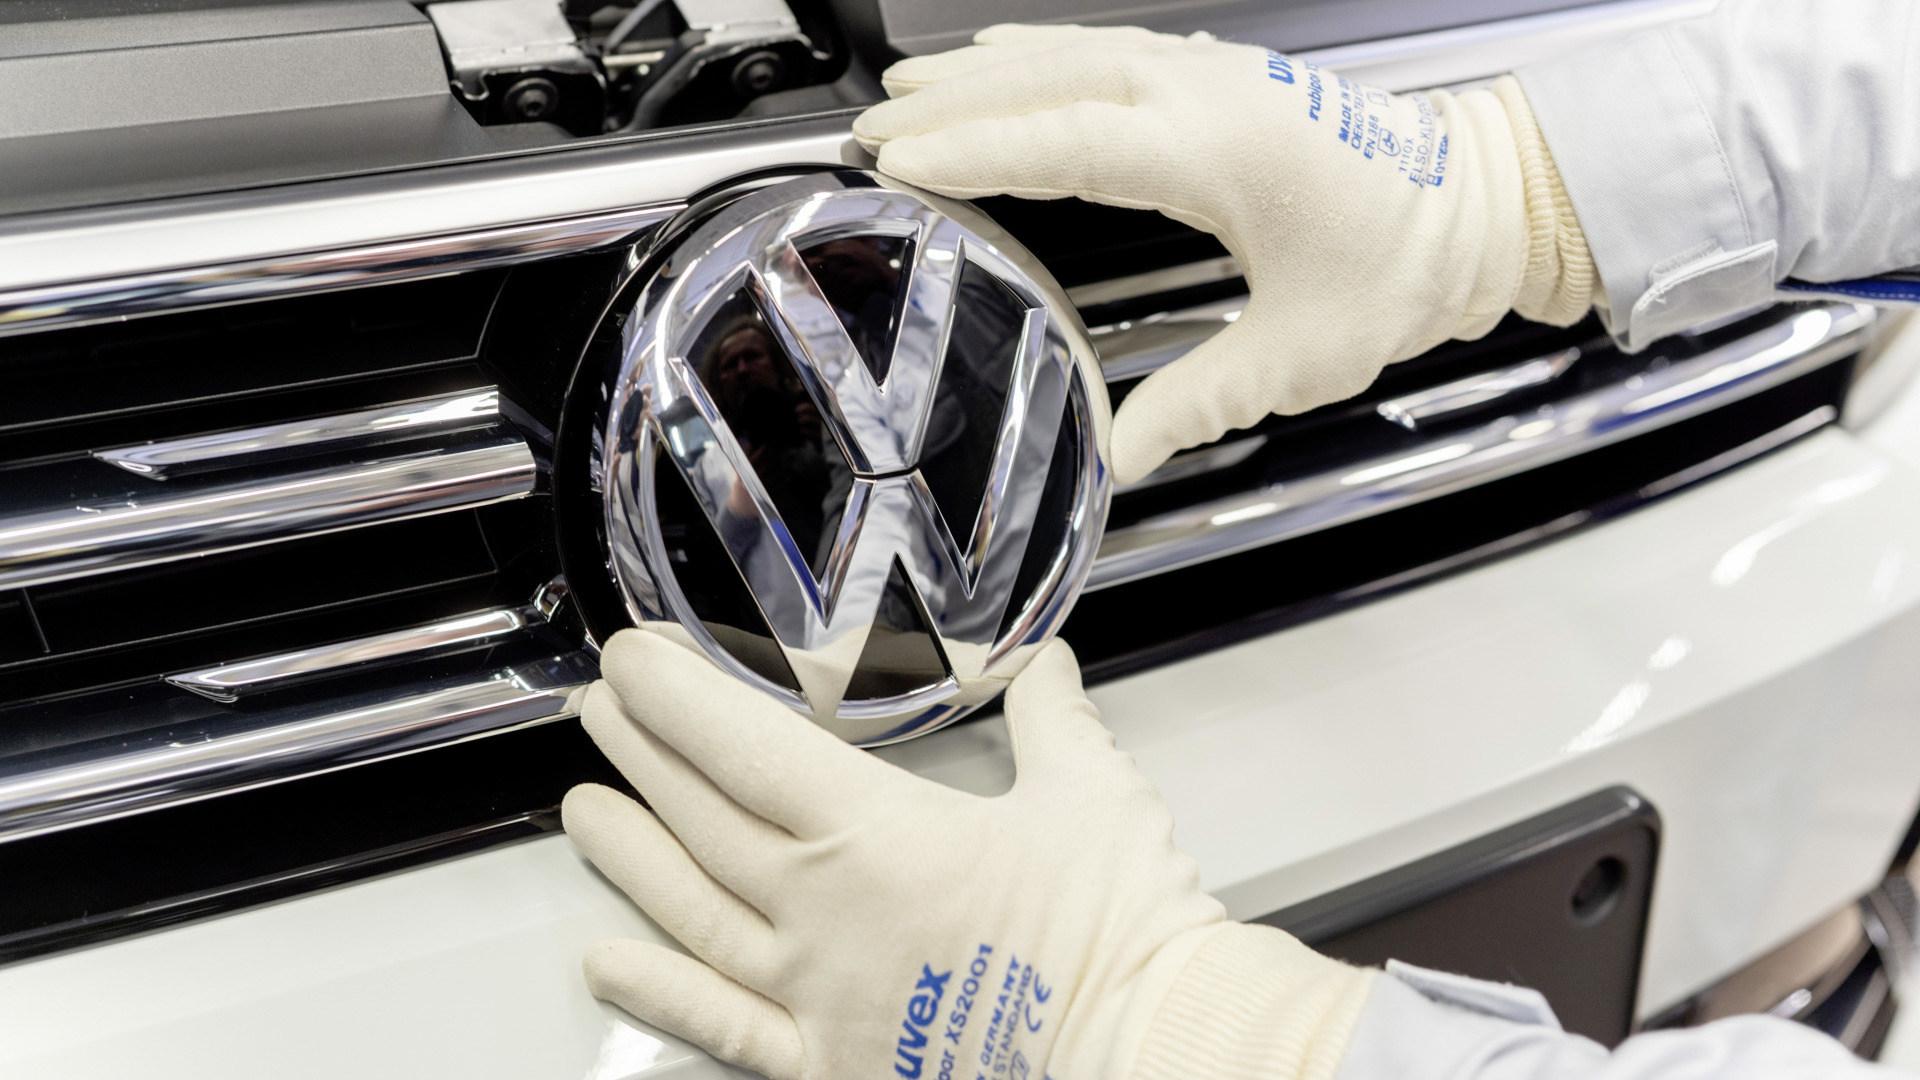 Leak: Erste Bilder vom fertigen VW ID.6 in China aufgetaucht - WinFuture